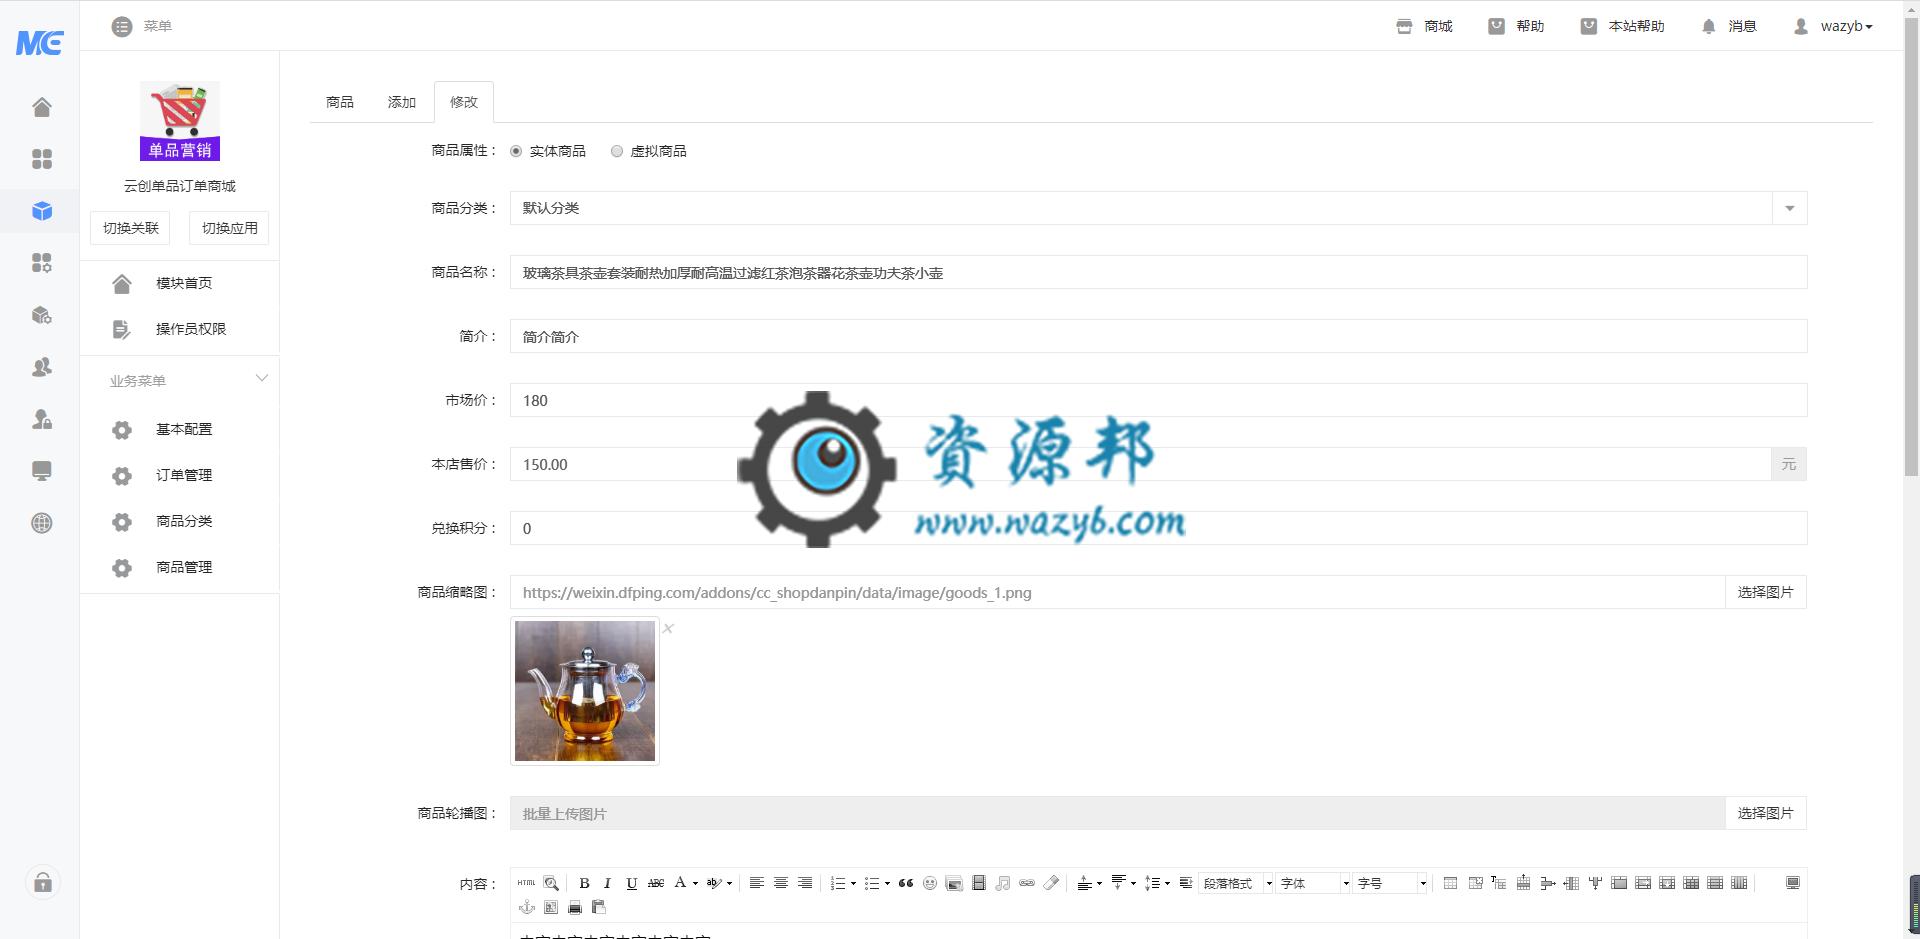 【公众号应用】云创单品订单商城V1.0.15正版源码打包,增加后台上传视频注释 公众号应用 第5张